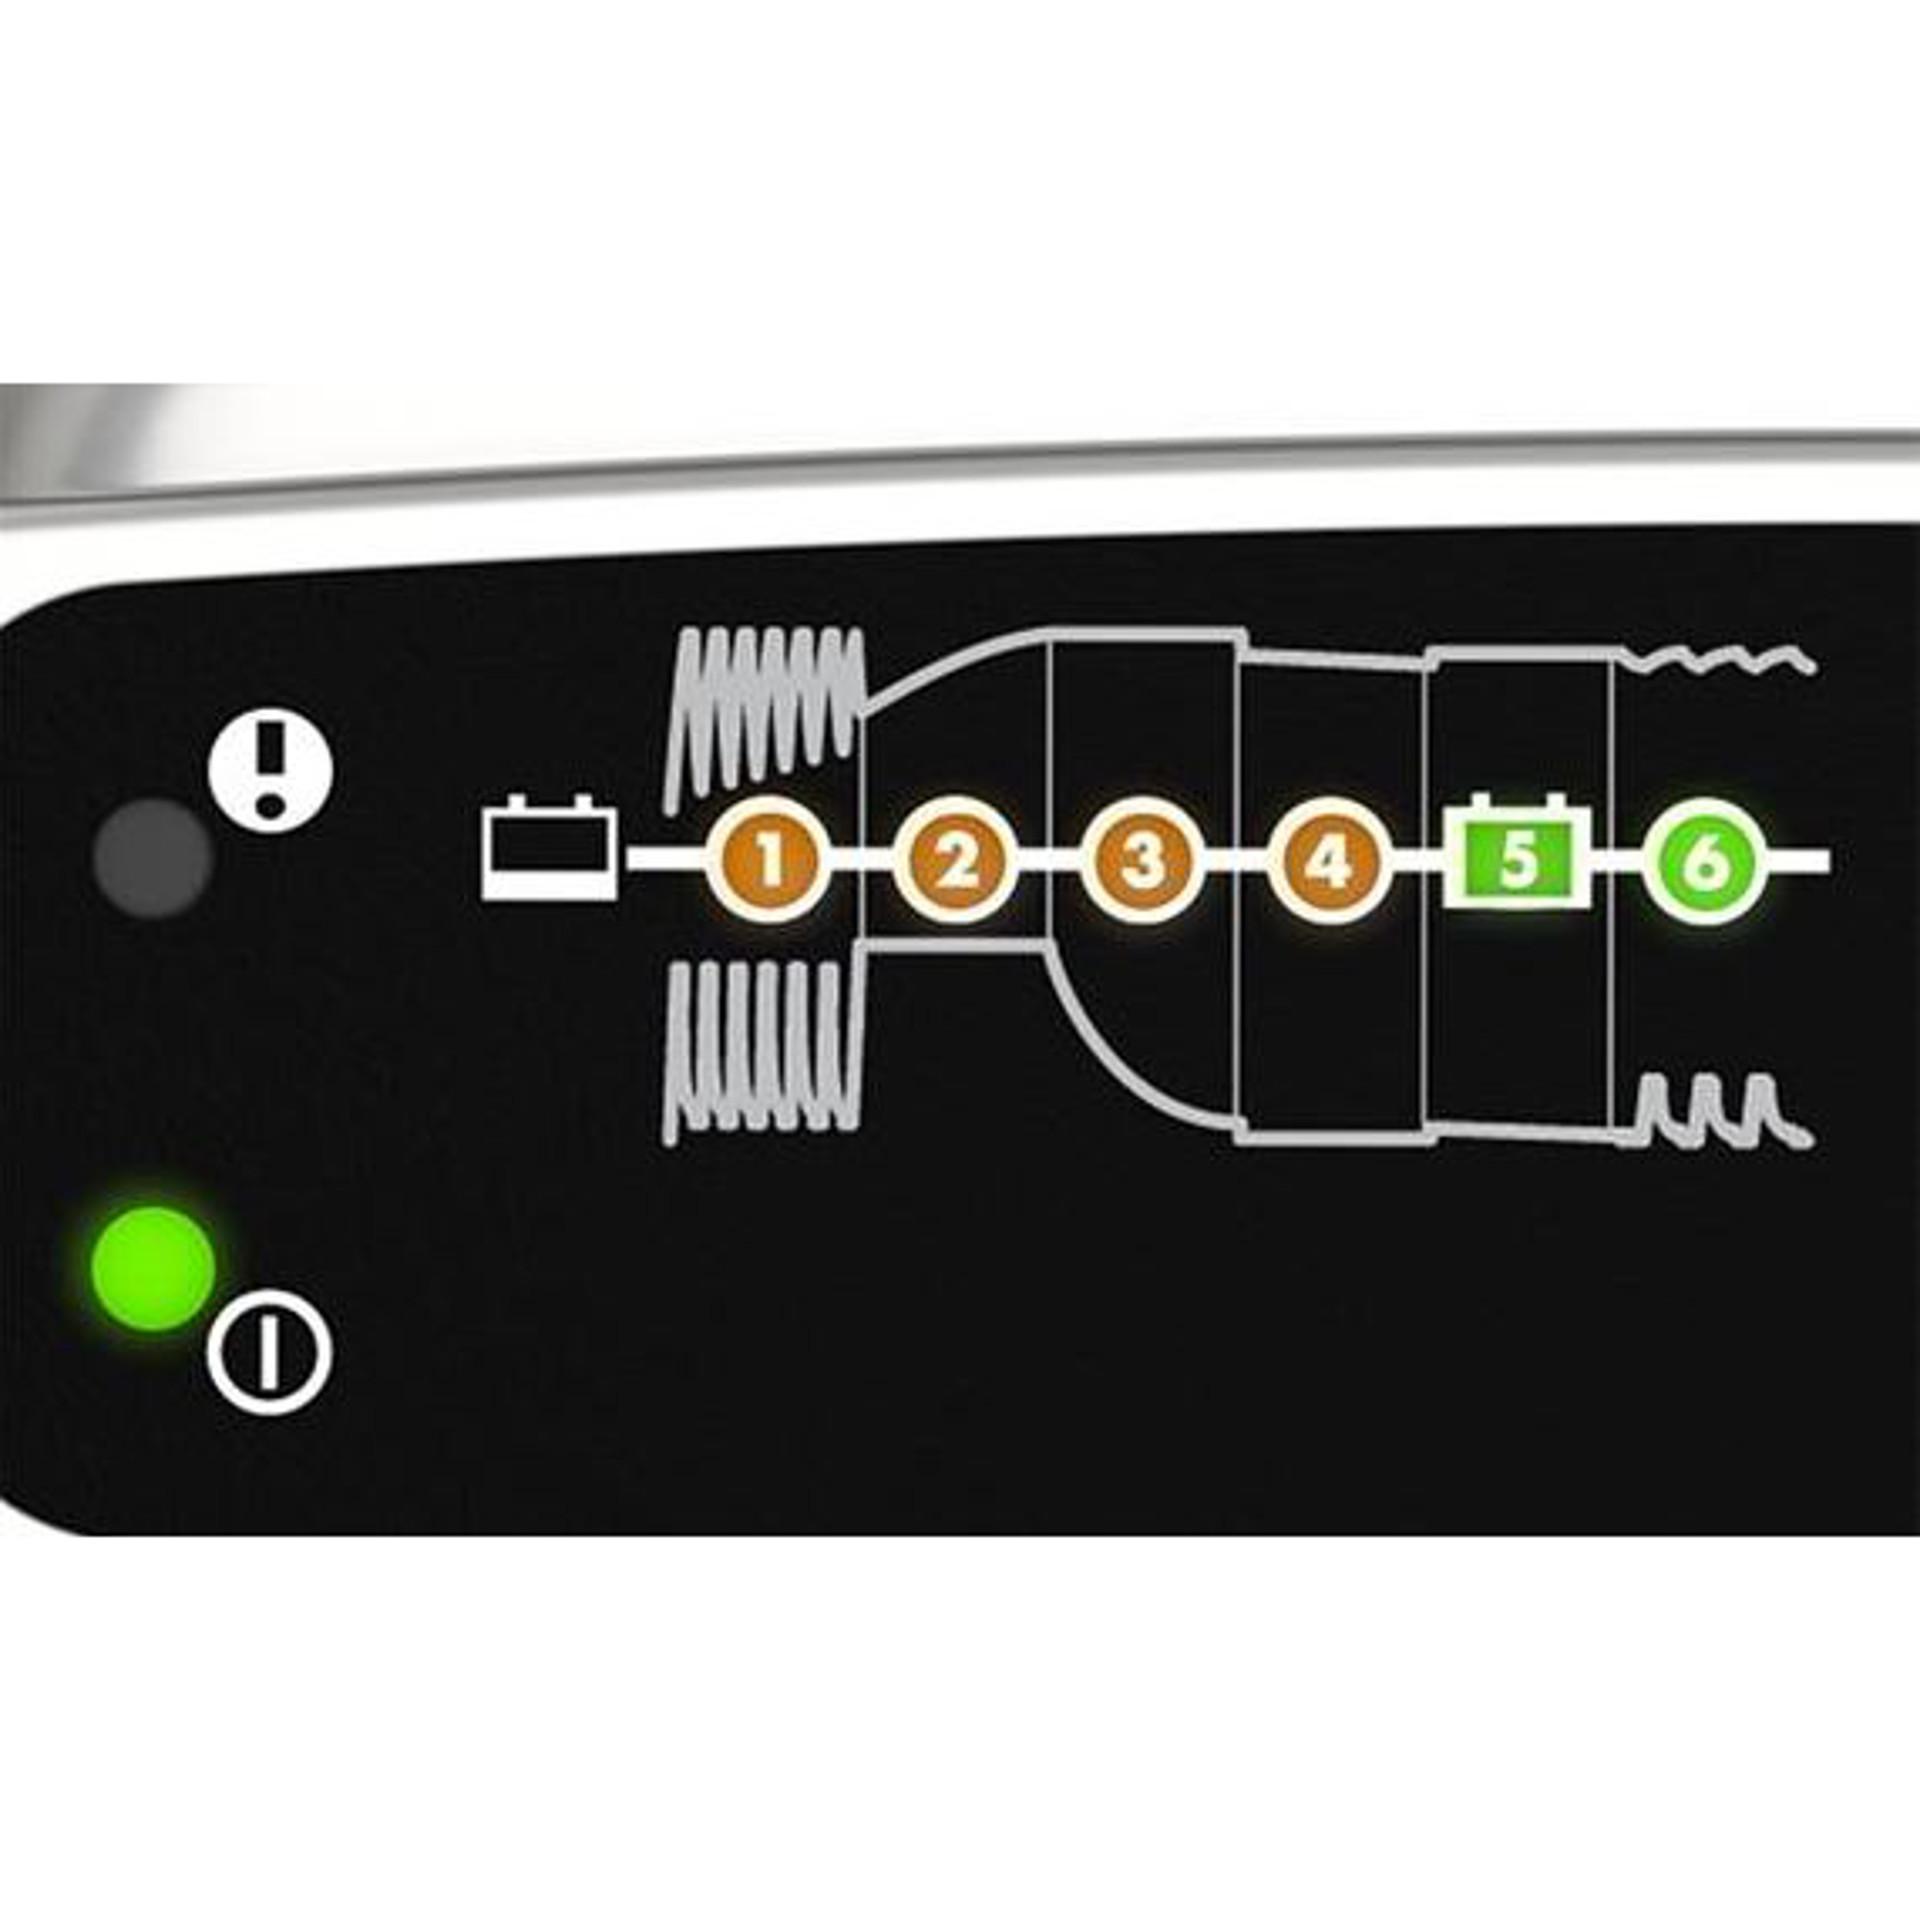 XS 0.8 12V 0.8A Batterie Ladegerät CTEK BellEquip